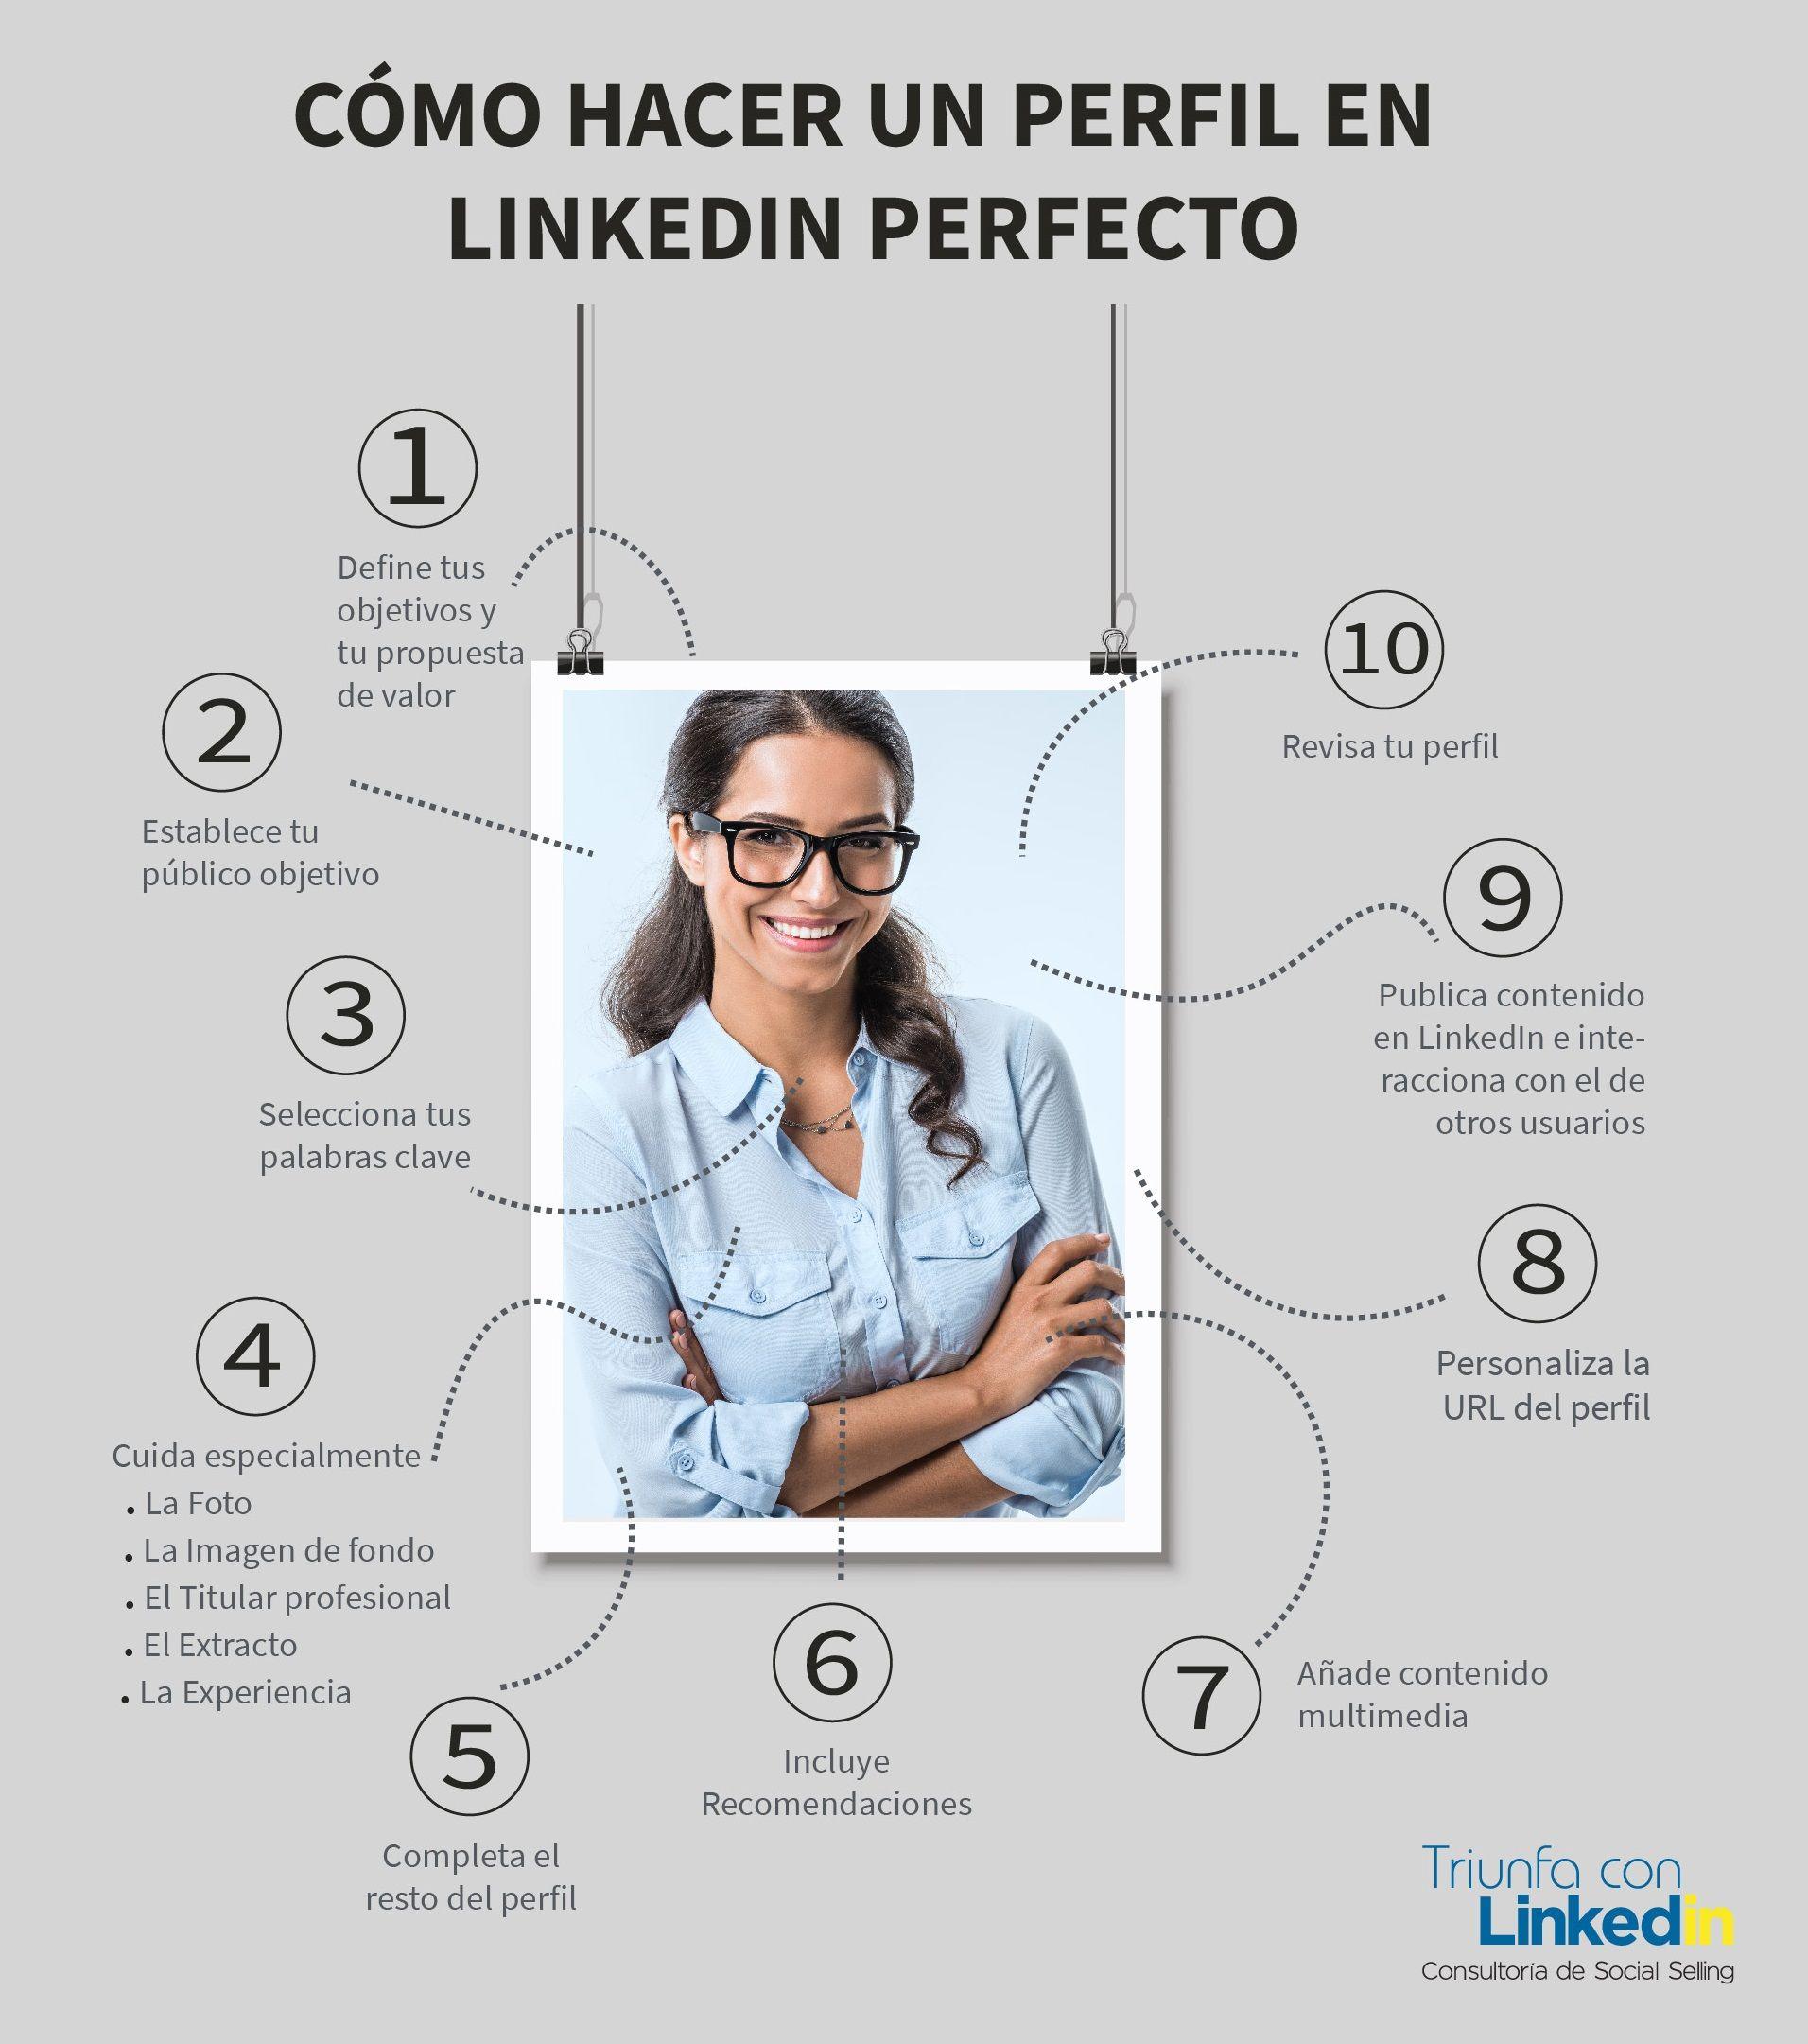 Cómo hacer un perfil en LinkedIn perfecto - Infografía